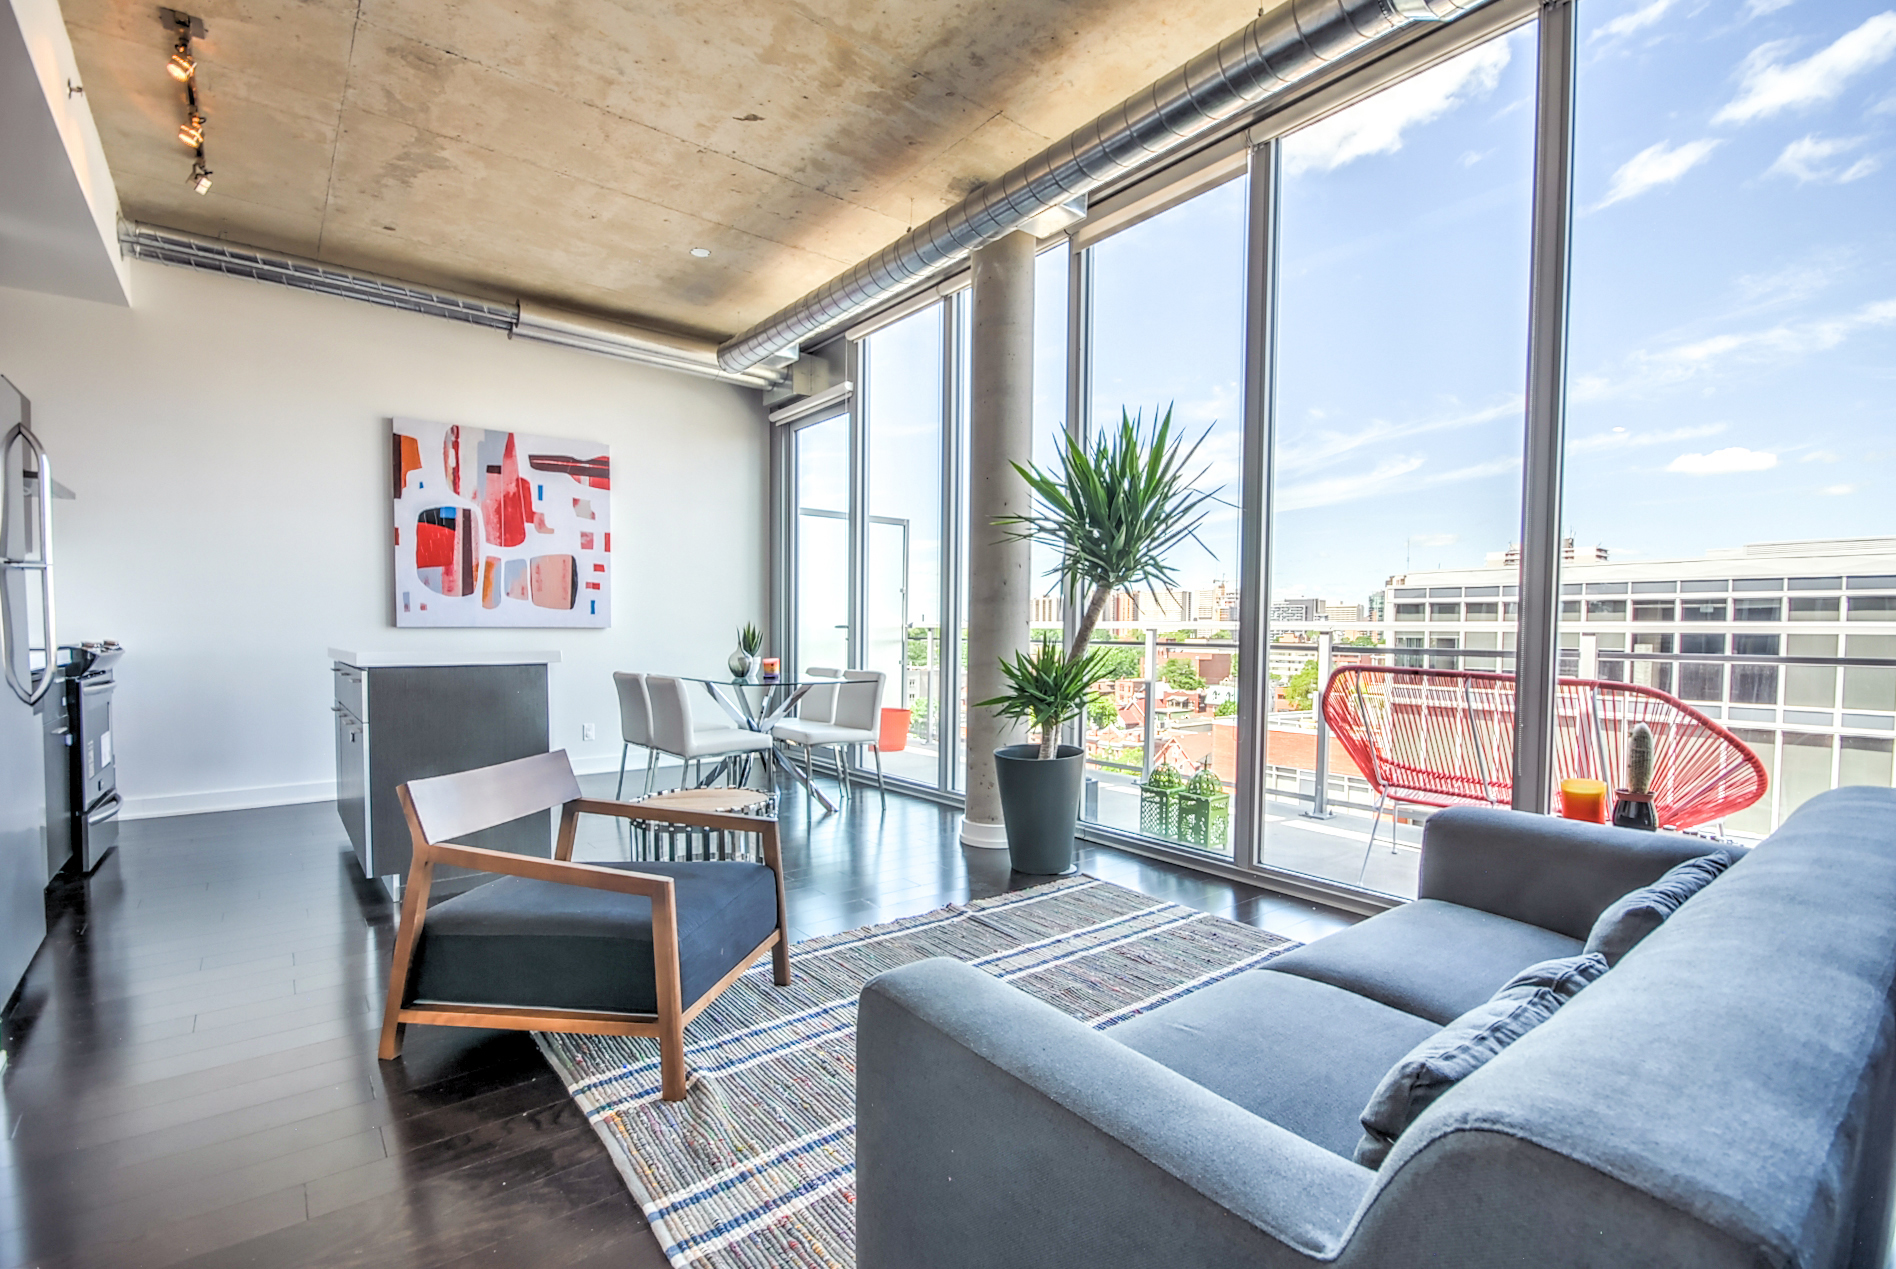 07 Living Room & Kitchen.jpg